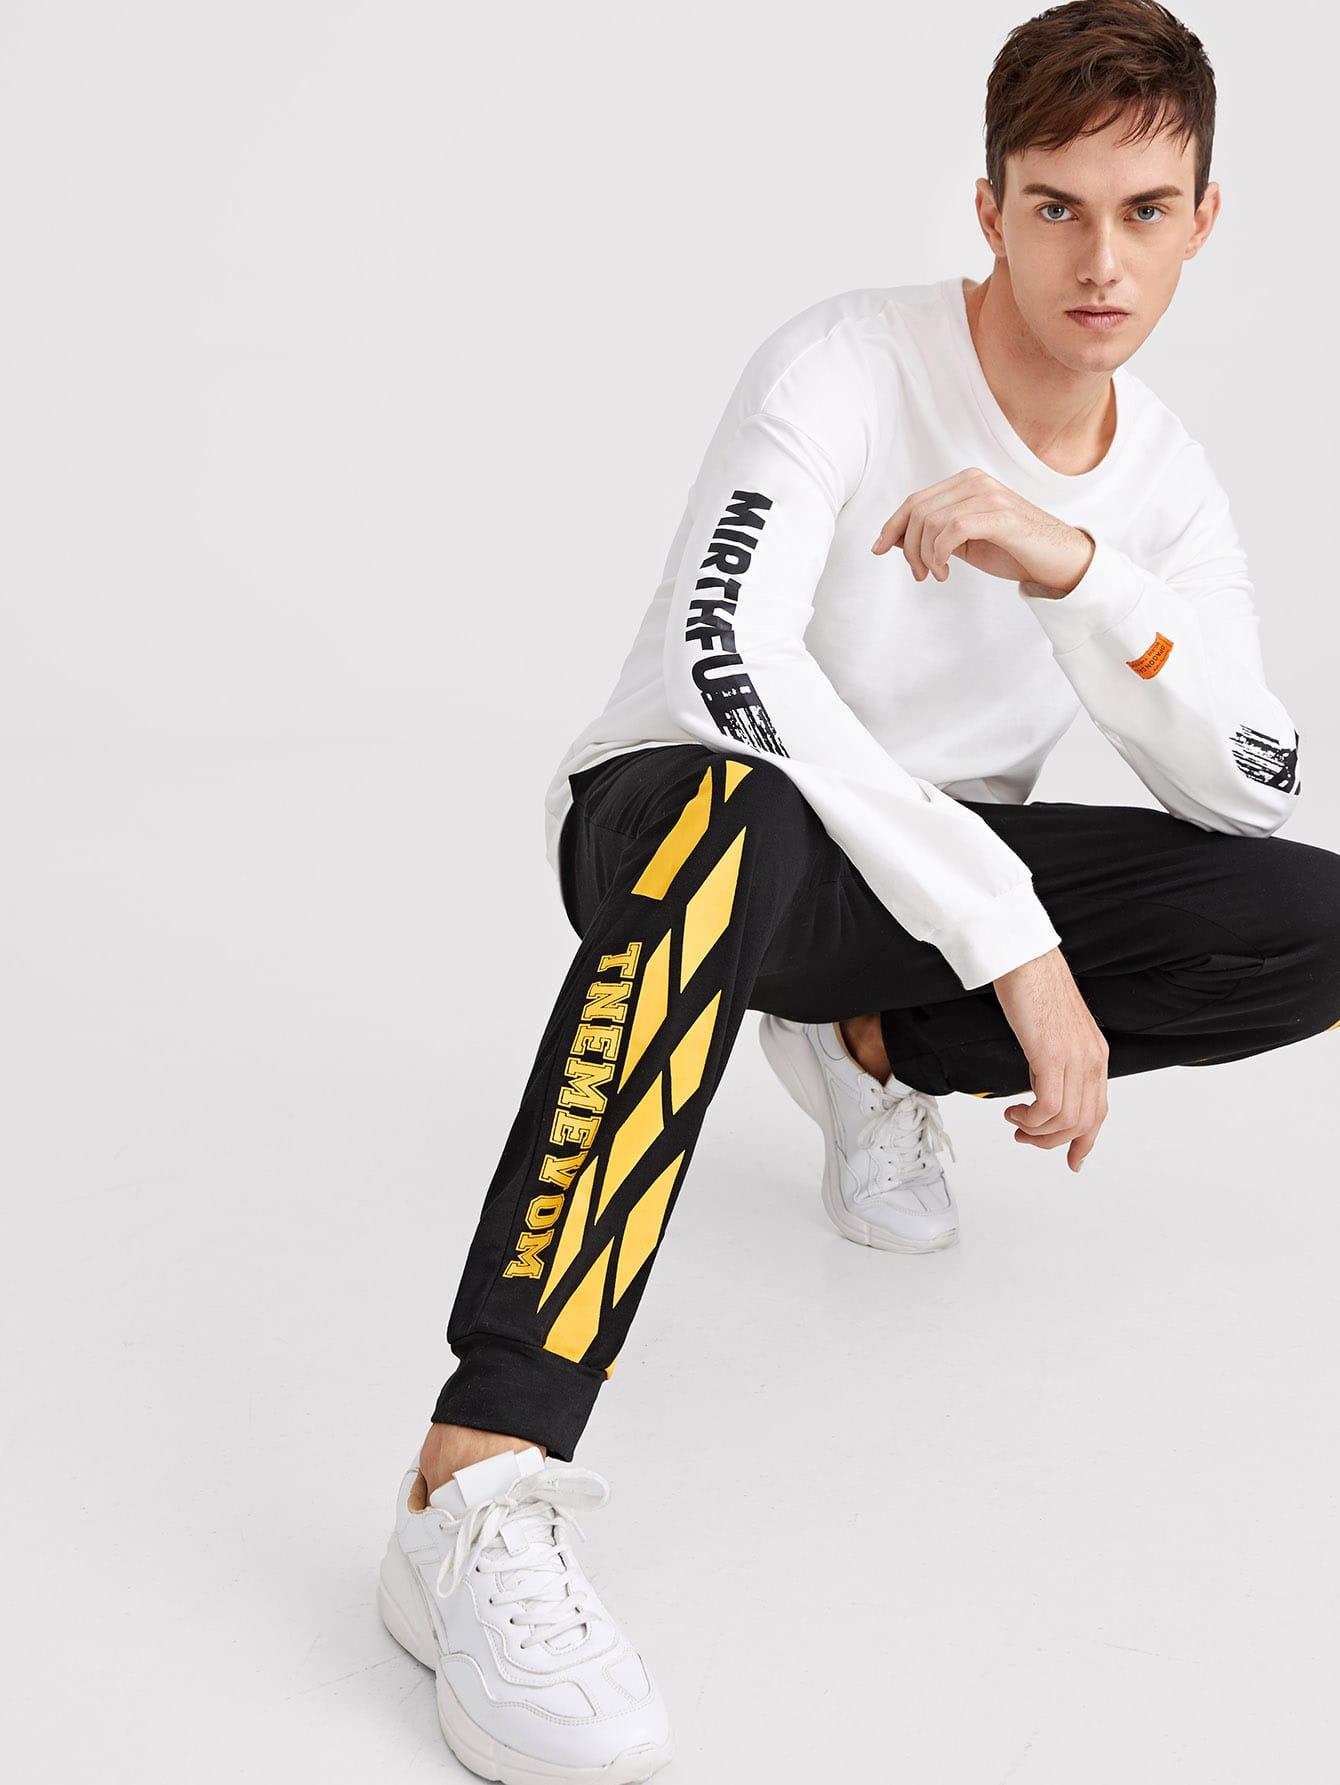 Мужские брюки с текстовым принтом, Valerian, SheIn  - купить со скидкой